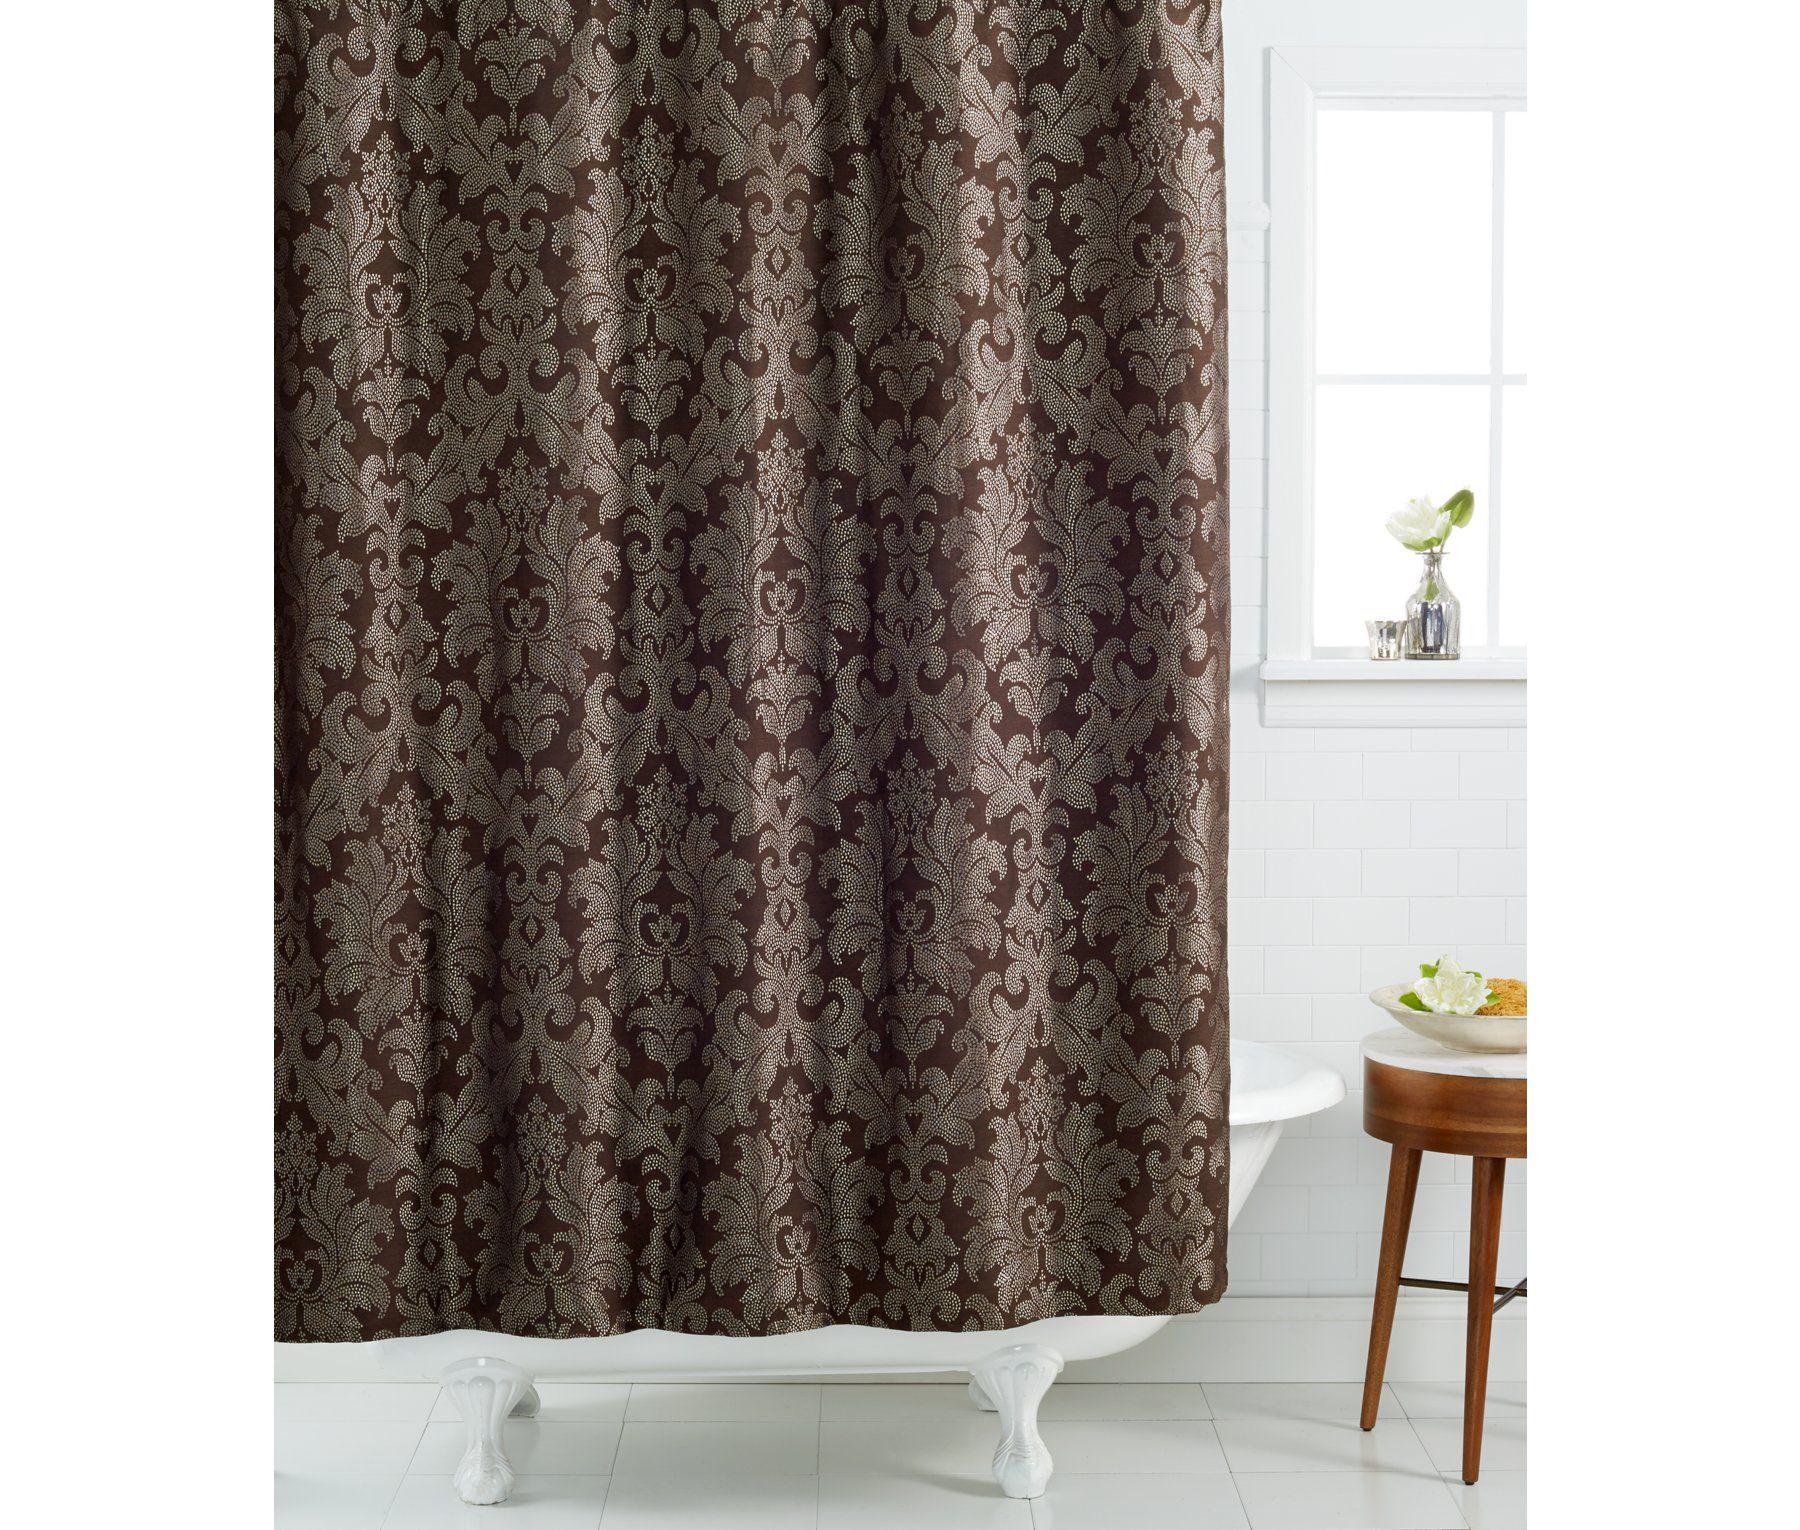 Croscill Argosy Shower Curtain Shower Curtains Accessories